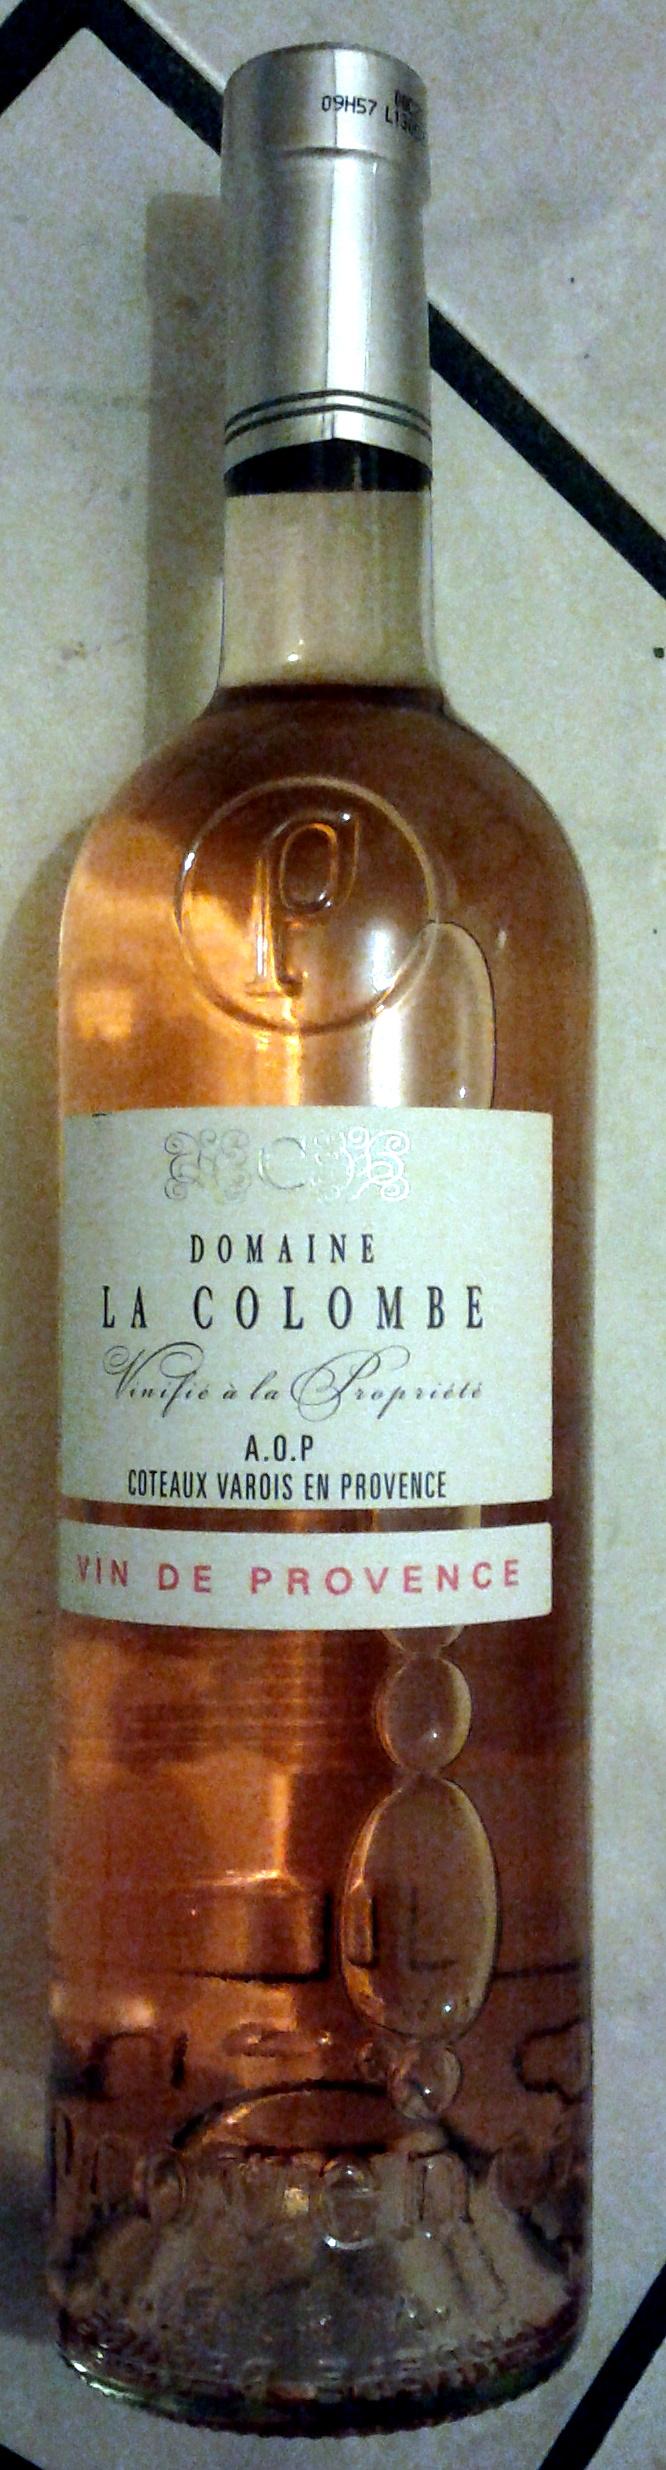 Domaine La Colombe - Côteaux Varois en Provence - Produit - fr